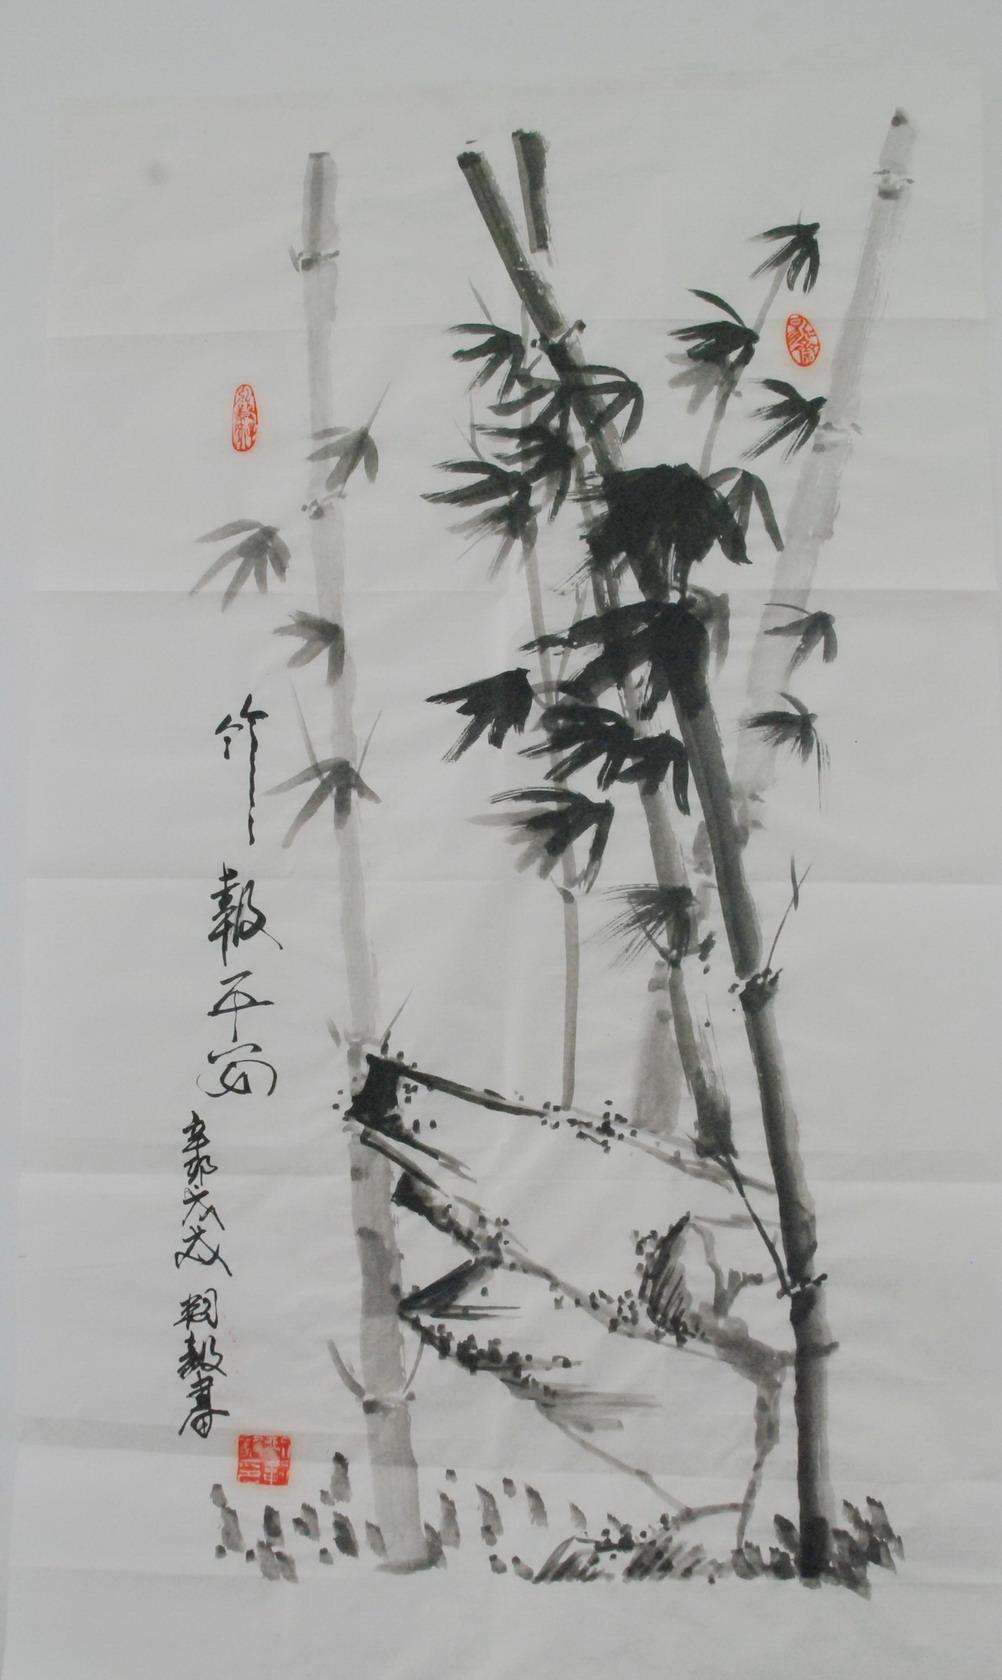 宣传画 熊猫吃竹子简笔画